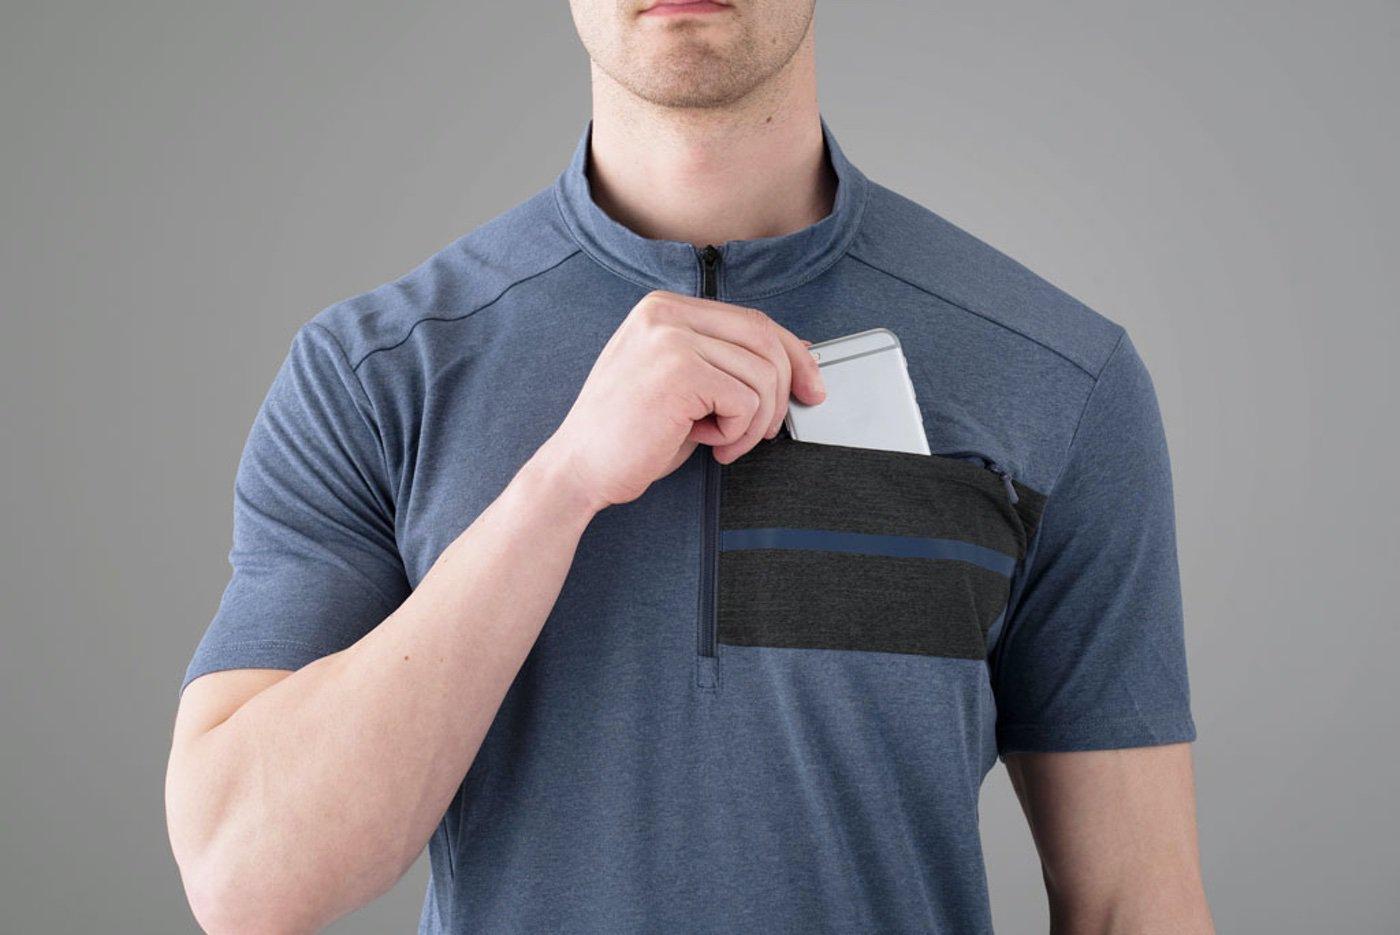 El bolsillo pectoral de las camisas Shimano de chico llevan cremallera y son horizontales para poder llevar el móvil con total seguridad.